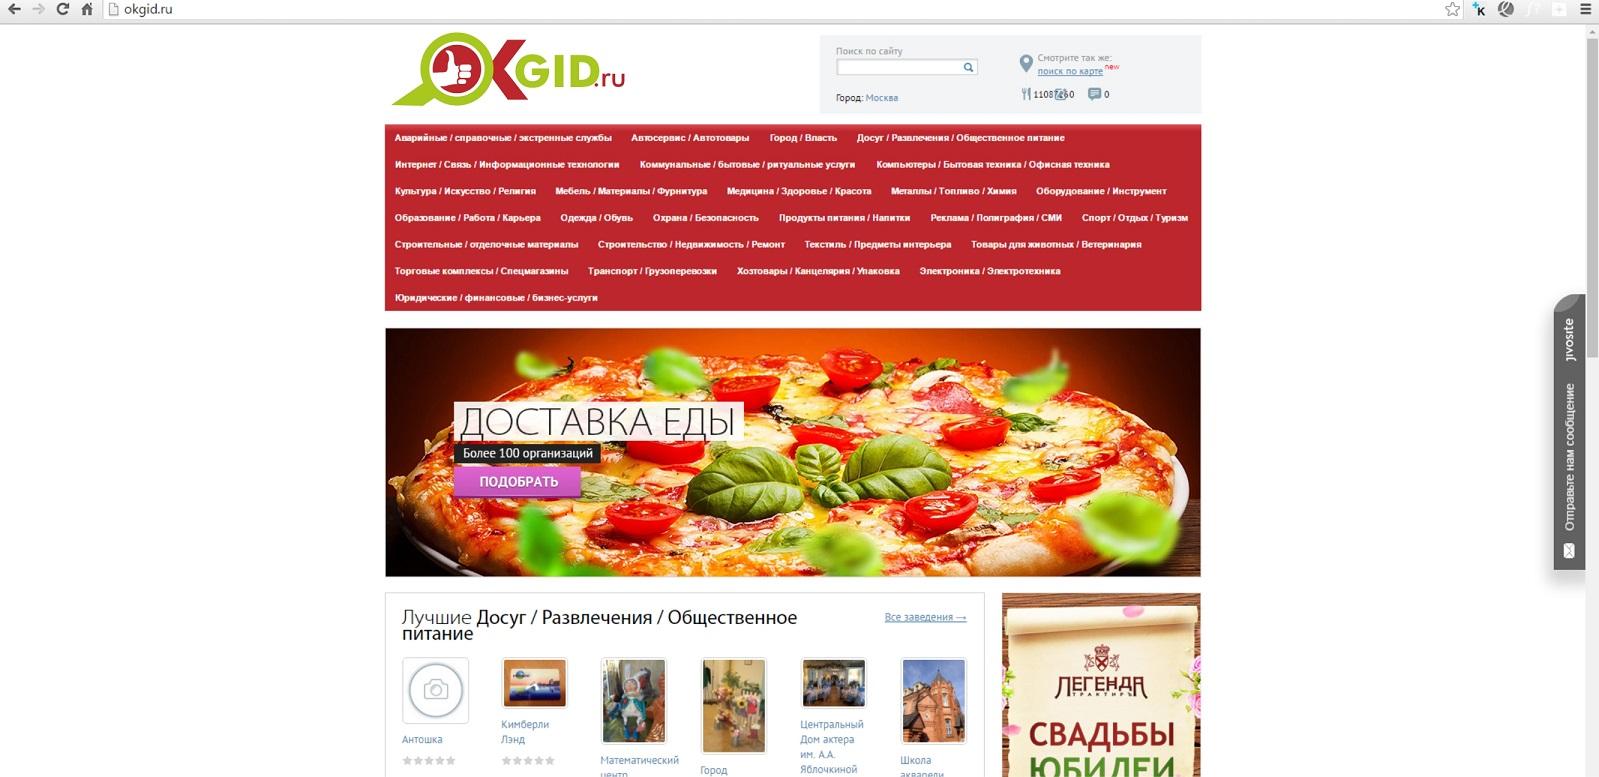 Логотип для сайта OKgid.ru фото f_99157c828a89c48f.jpg